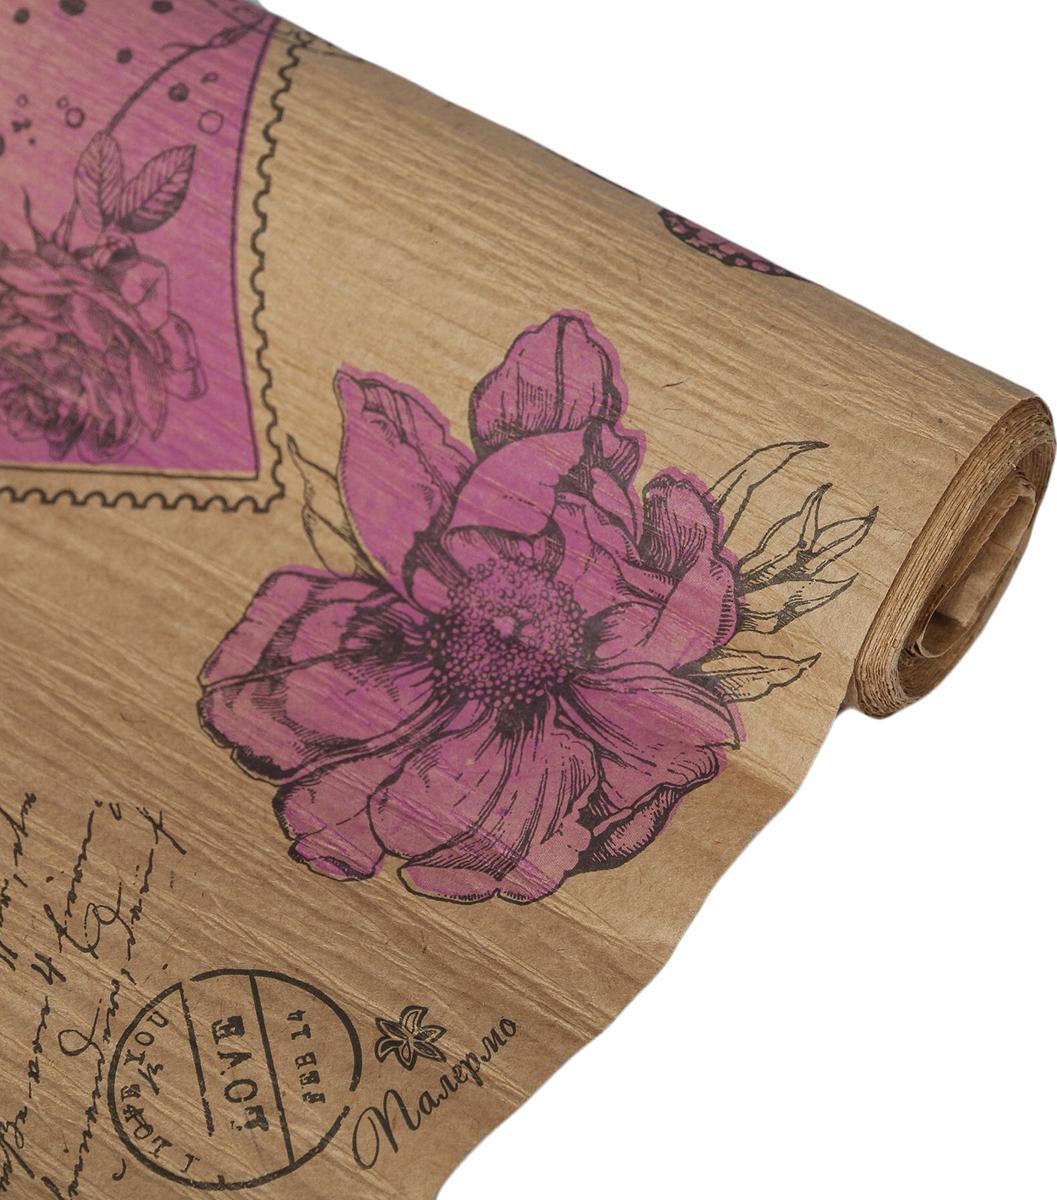 Бумага упаковочная Палермо, эколюкс крепированный, 4114443, сиреневый, черный, 70 см х 5 м